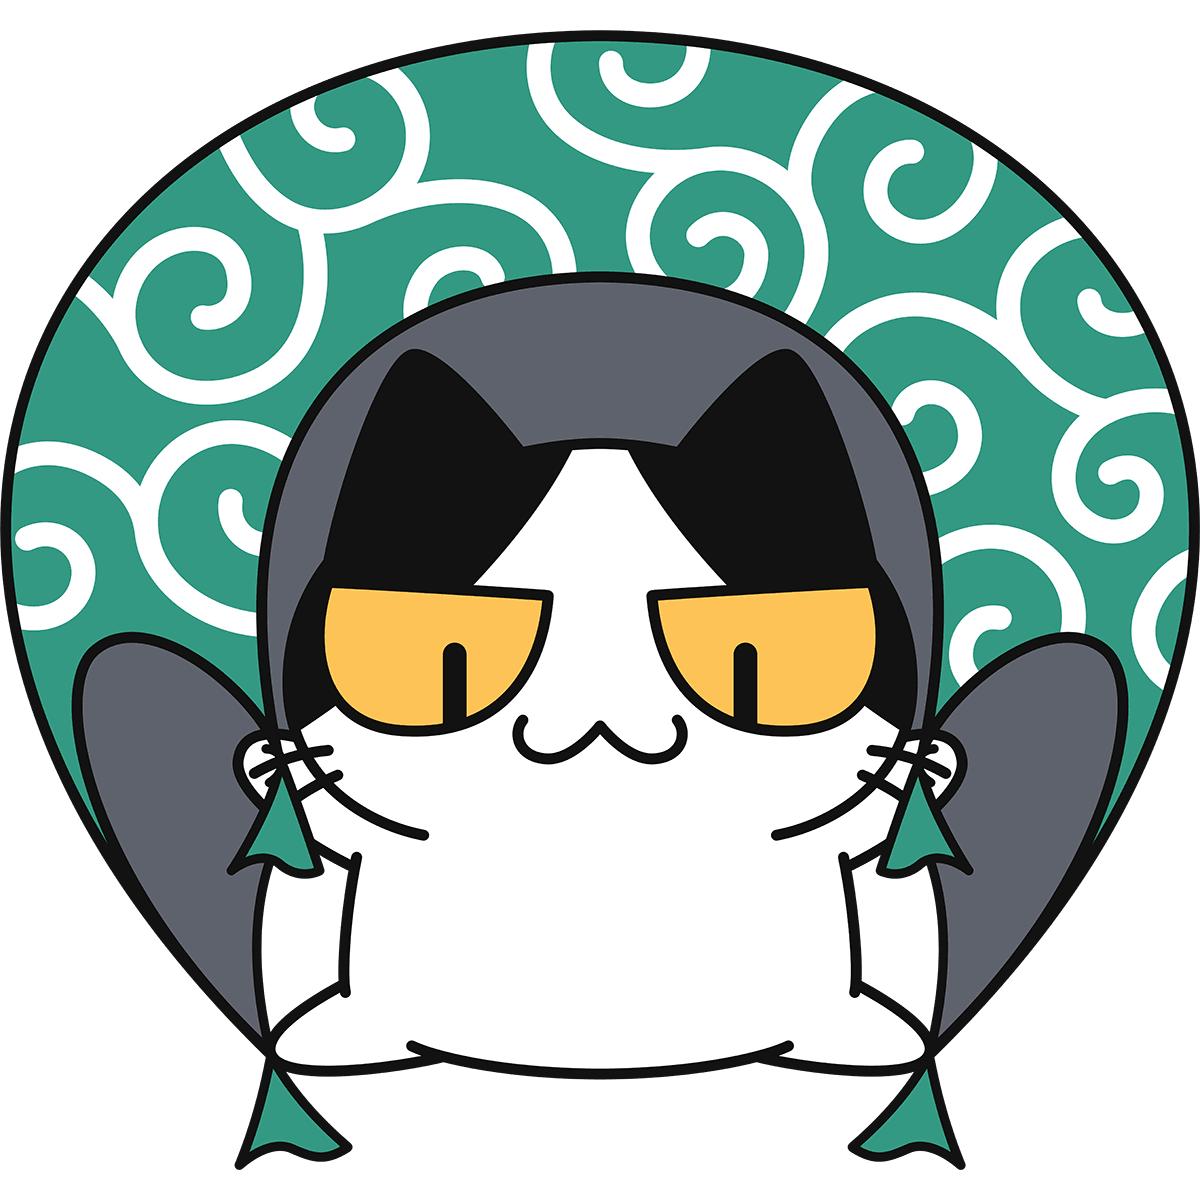 ムササビの術を使う猫の無料イラスト